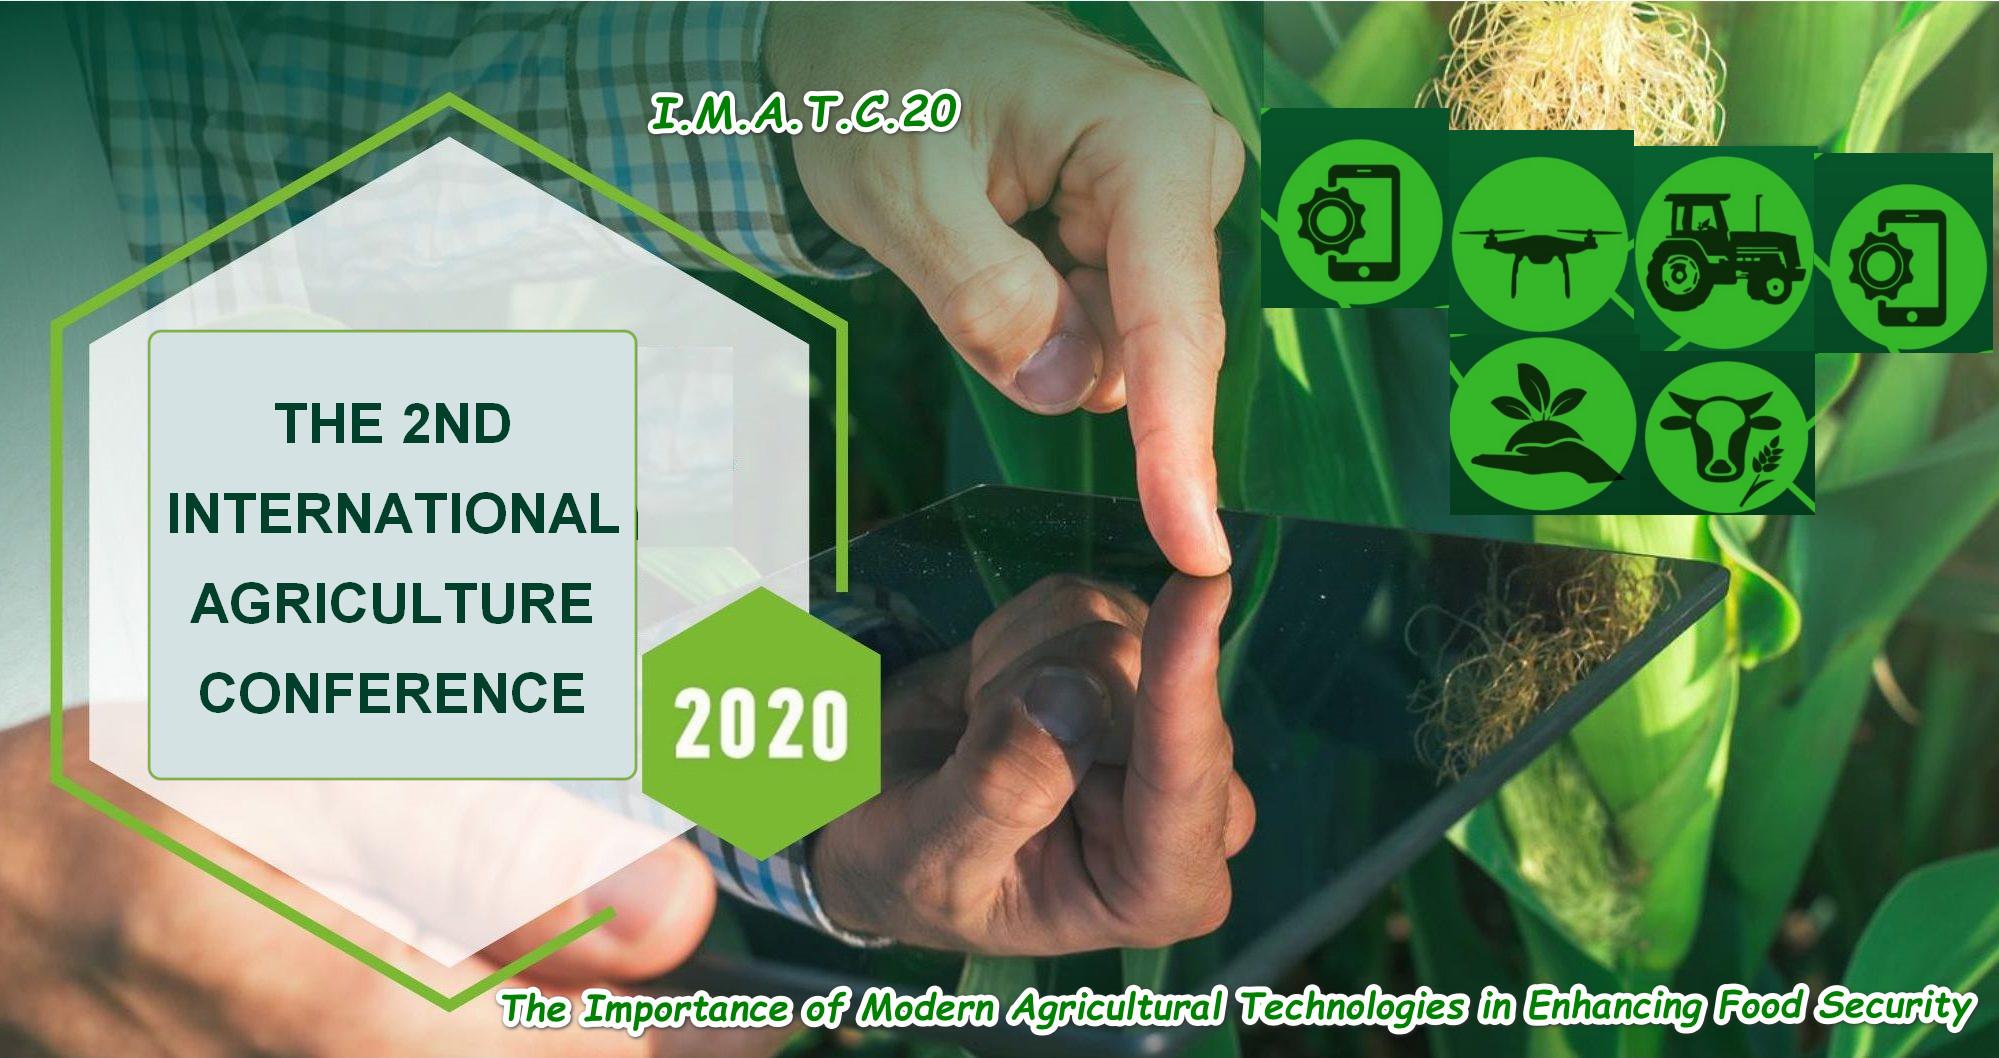 دعوة مشاركة في المؤتمر الزراعي الثاني